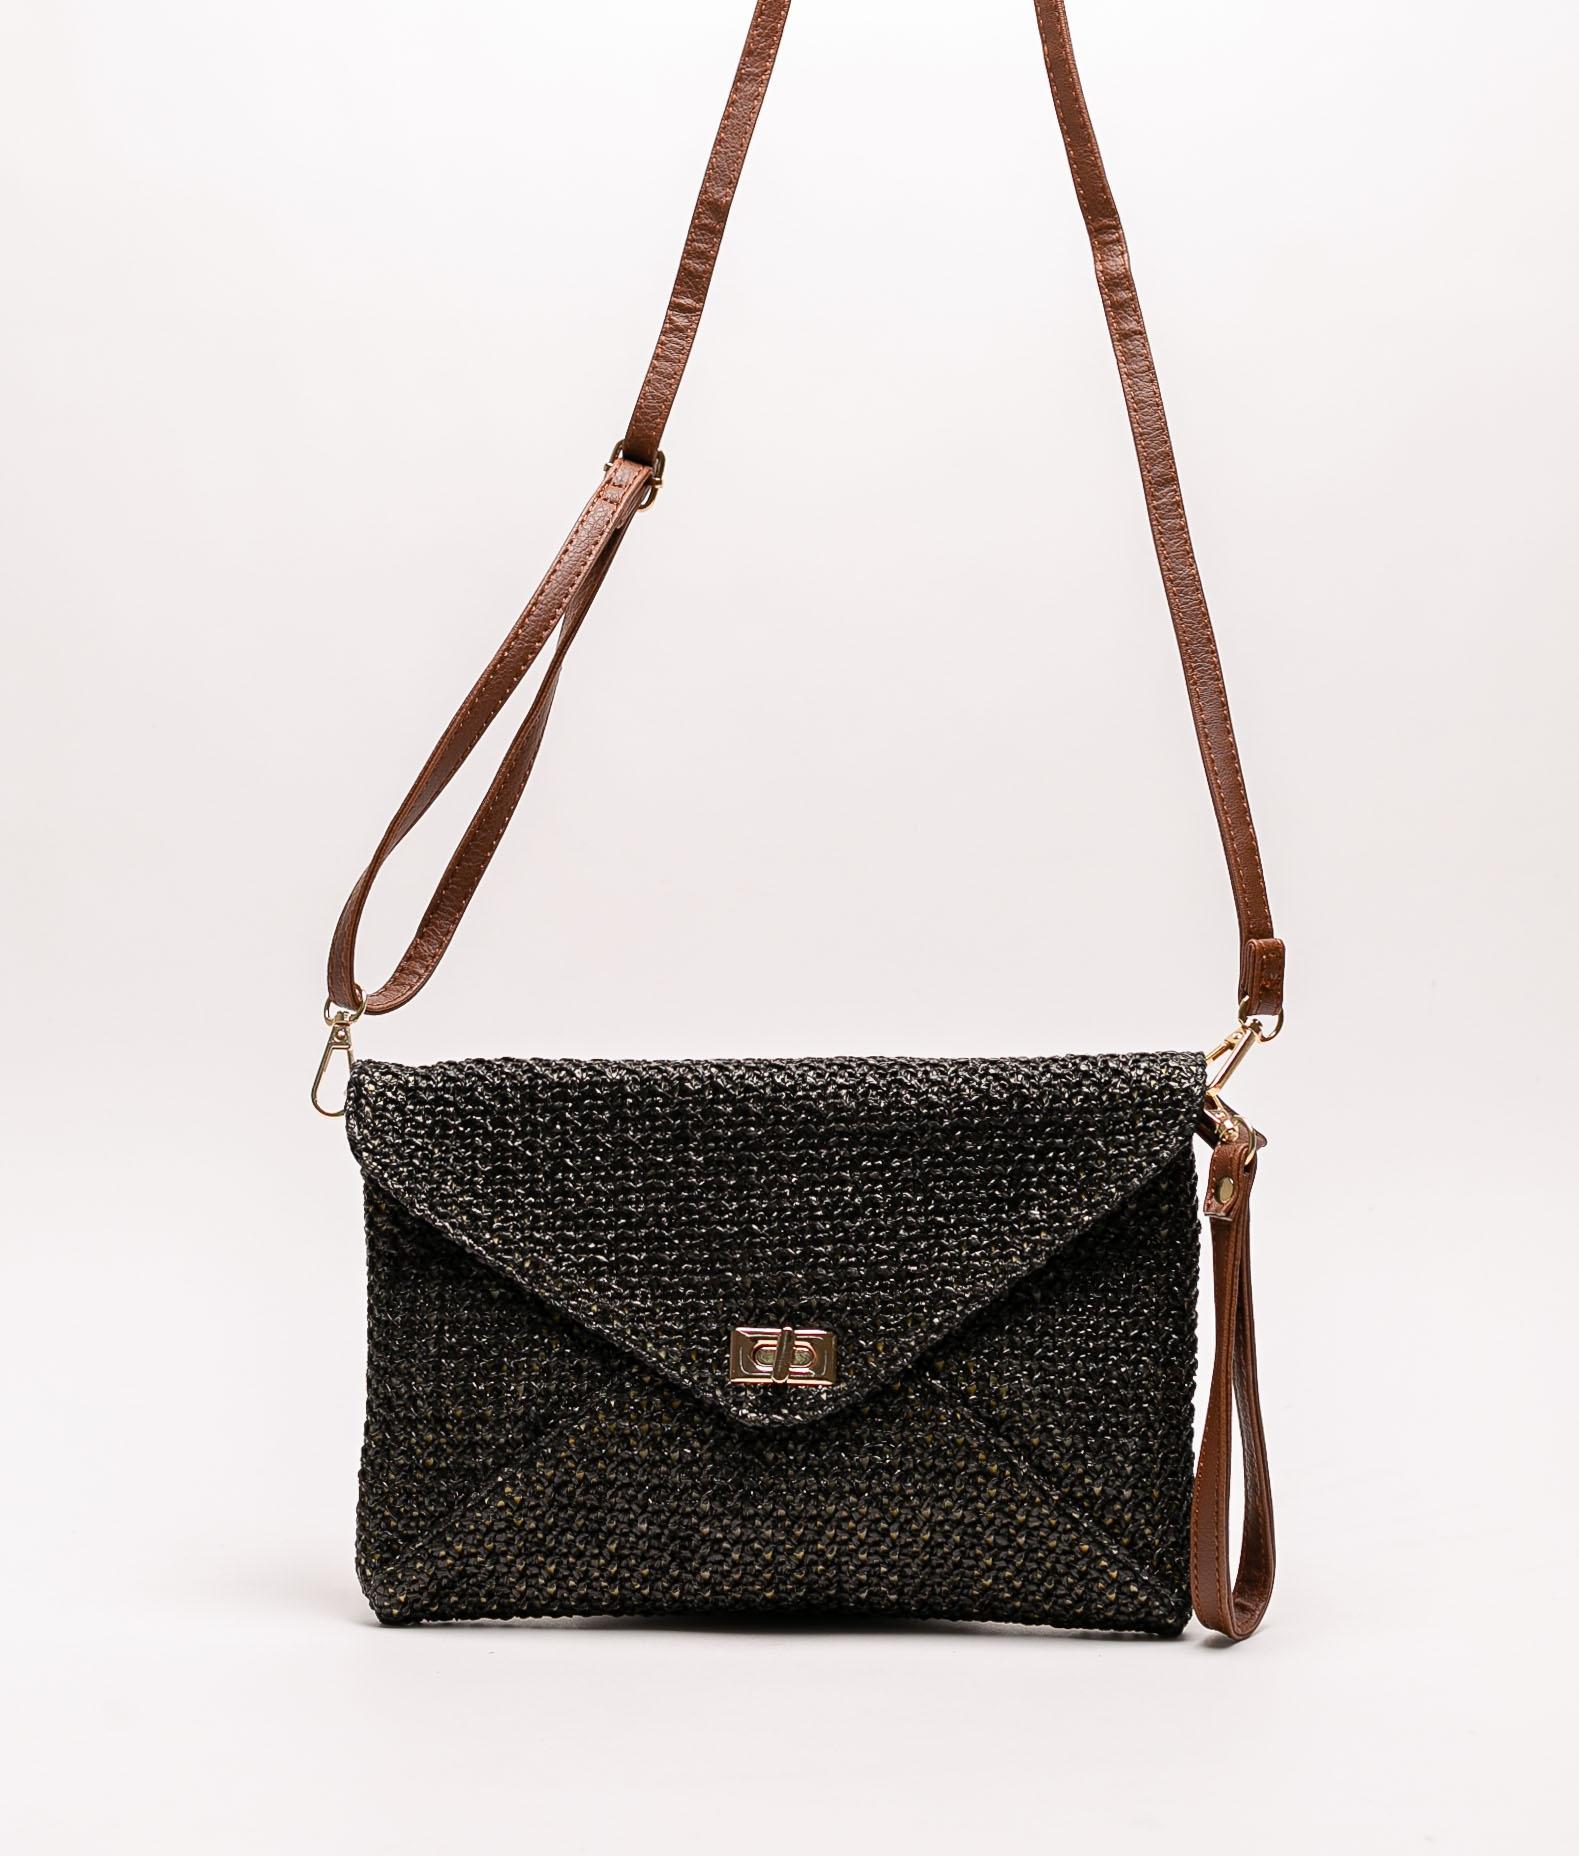 Flex shoulder bag - black